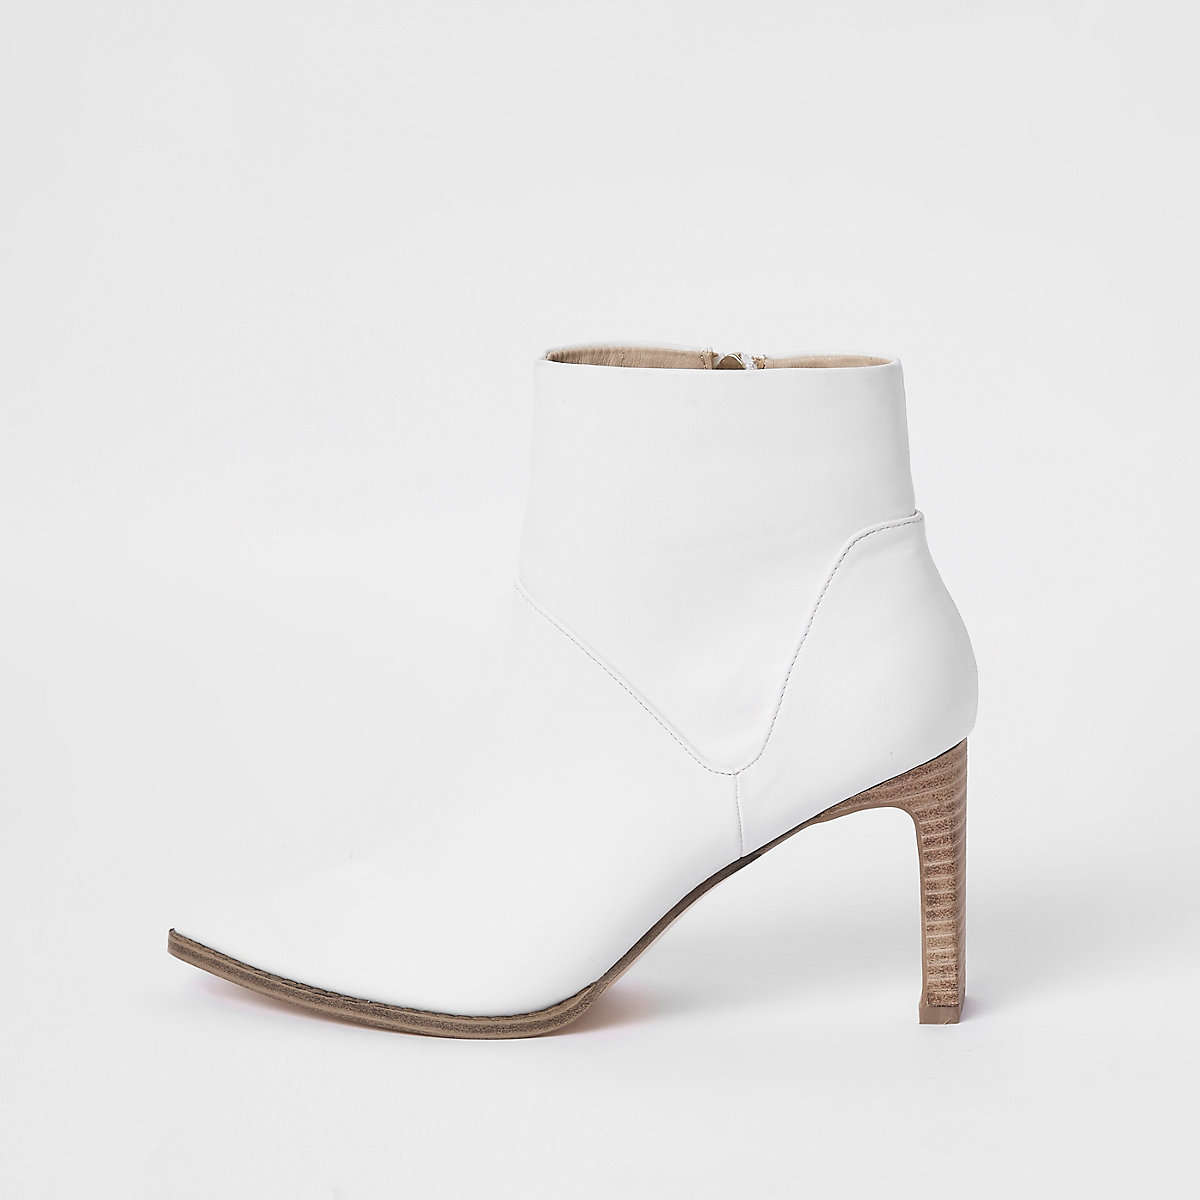 Witte laarzen met puntige neus en smalle vierkante hak